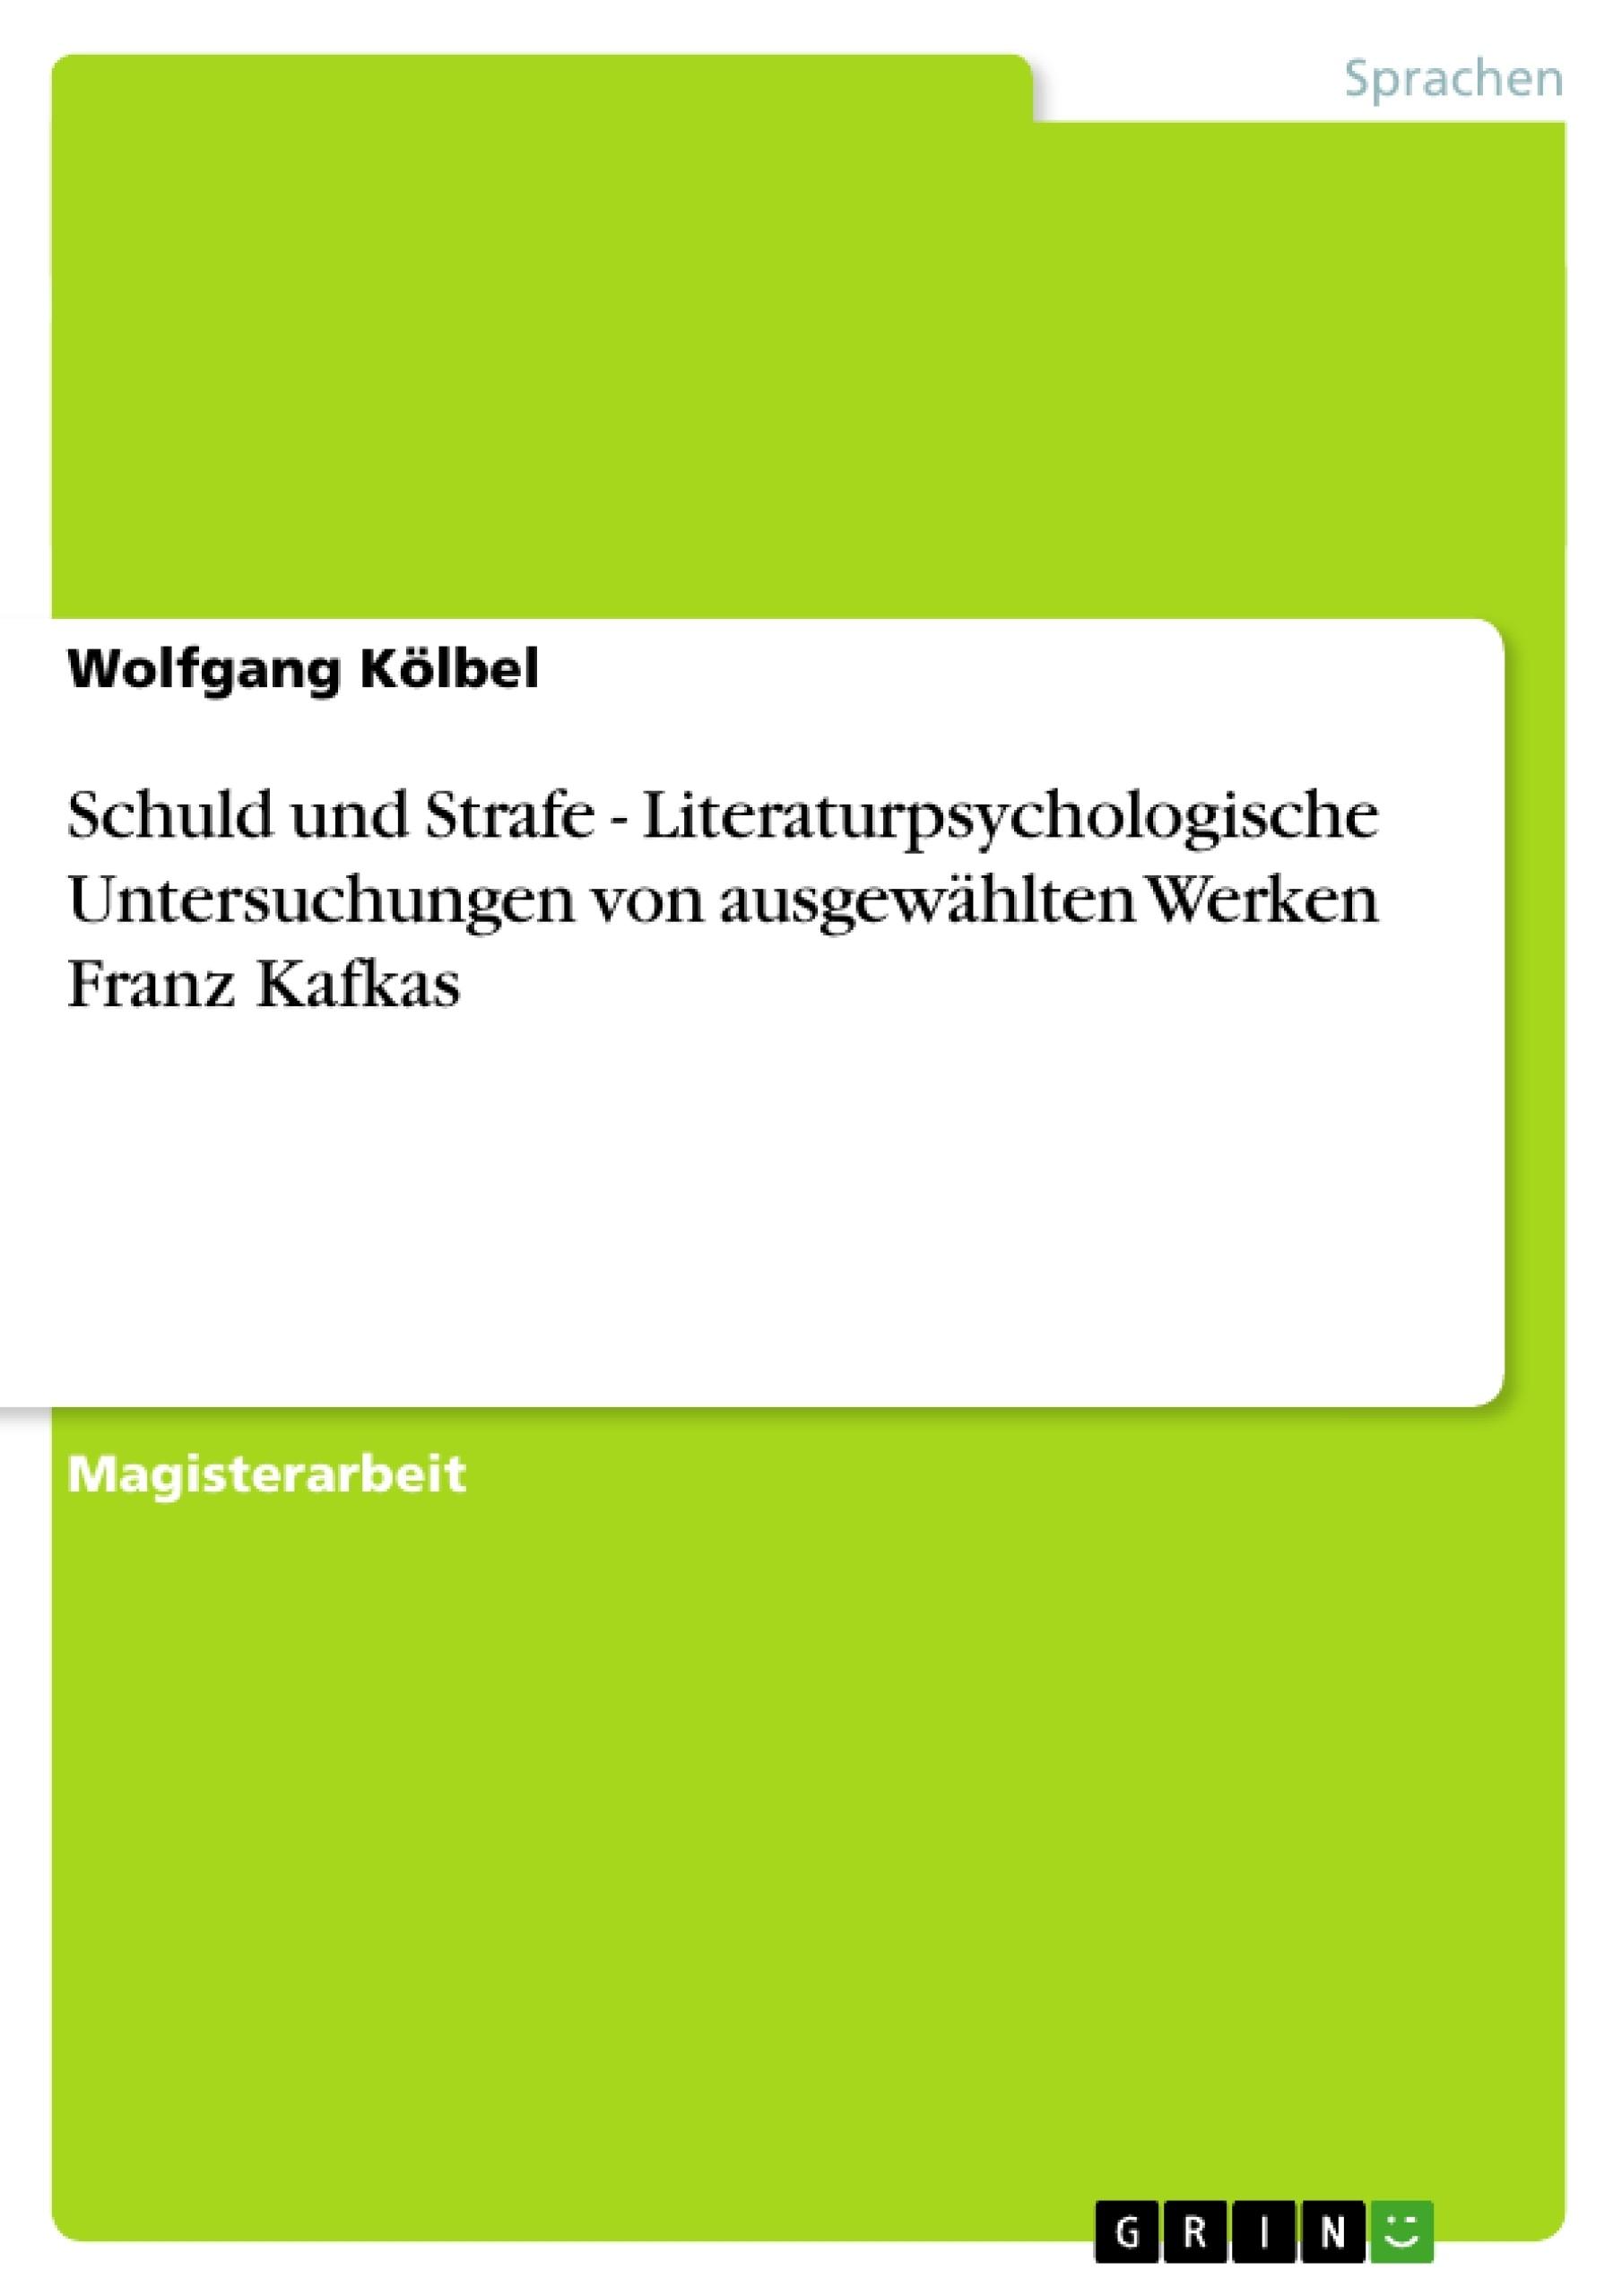 Titel: Schuld und Strafe - Literaturpsychologische Untersuchungen von ausgewählten Werken Franz Kafkas